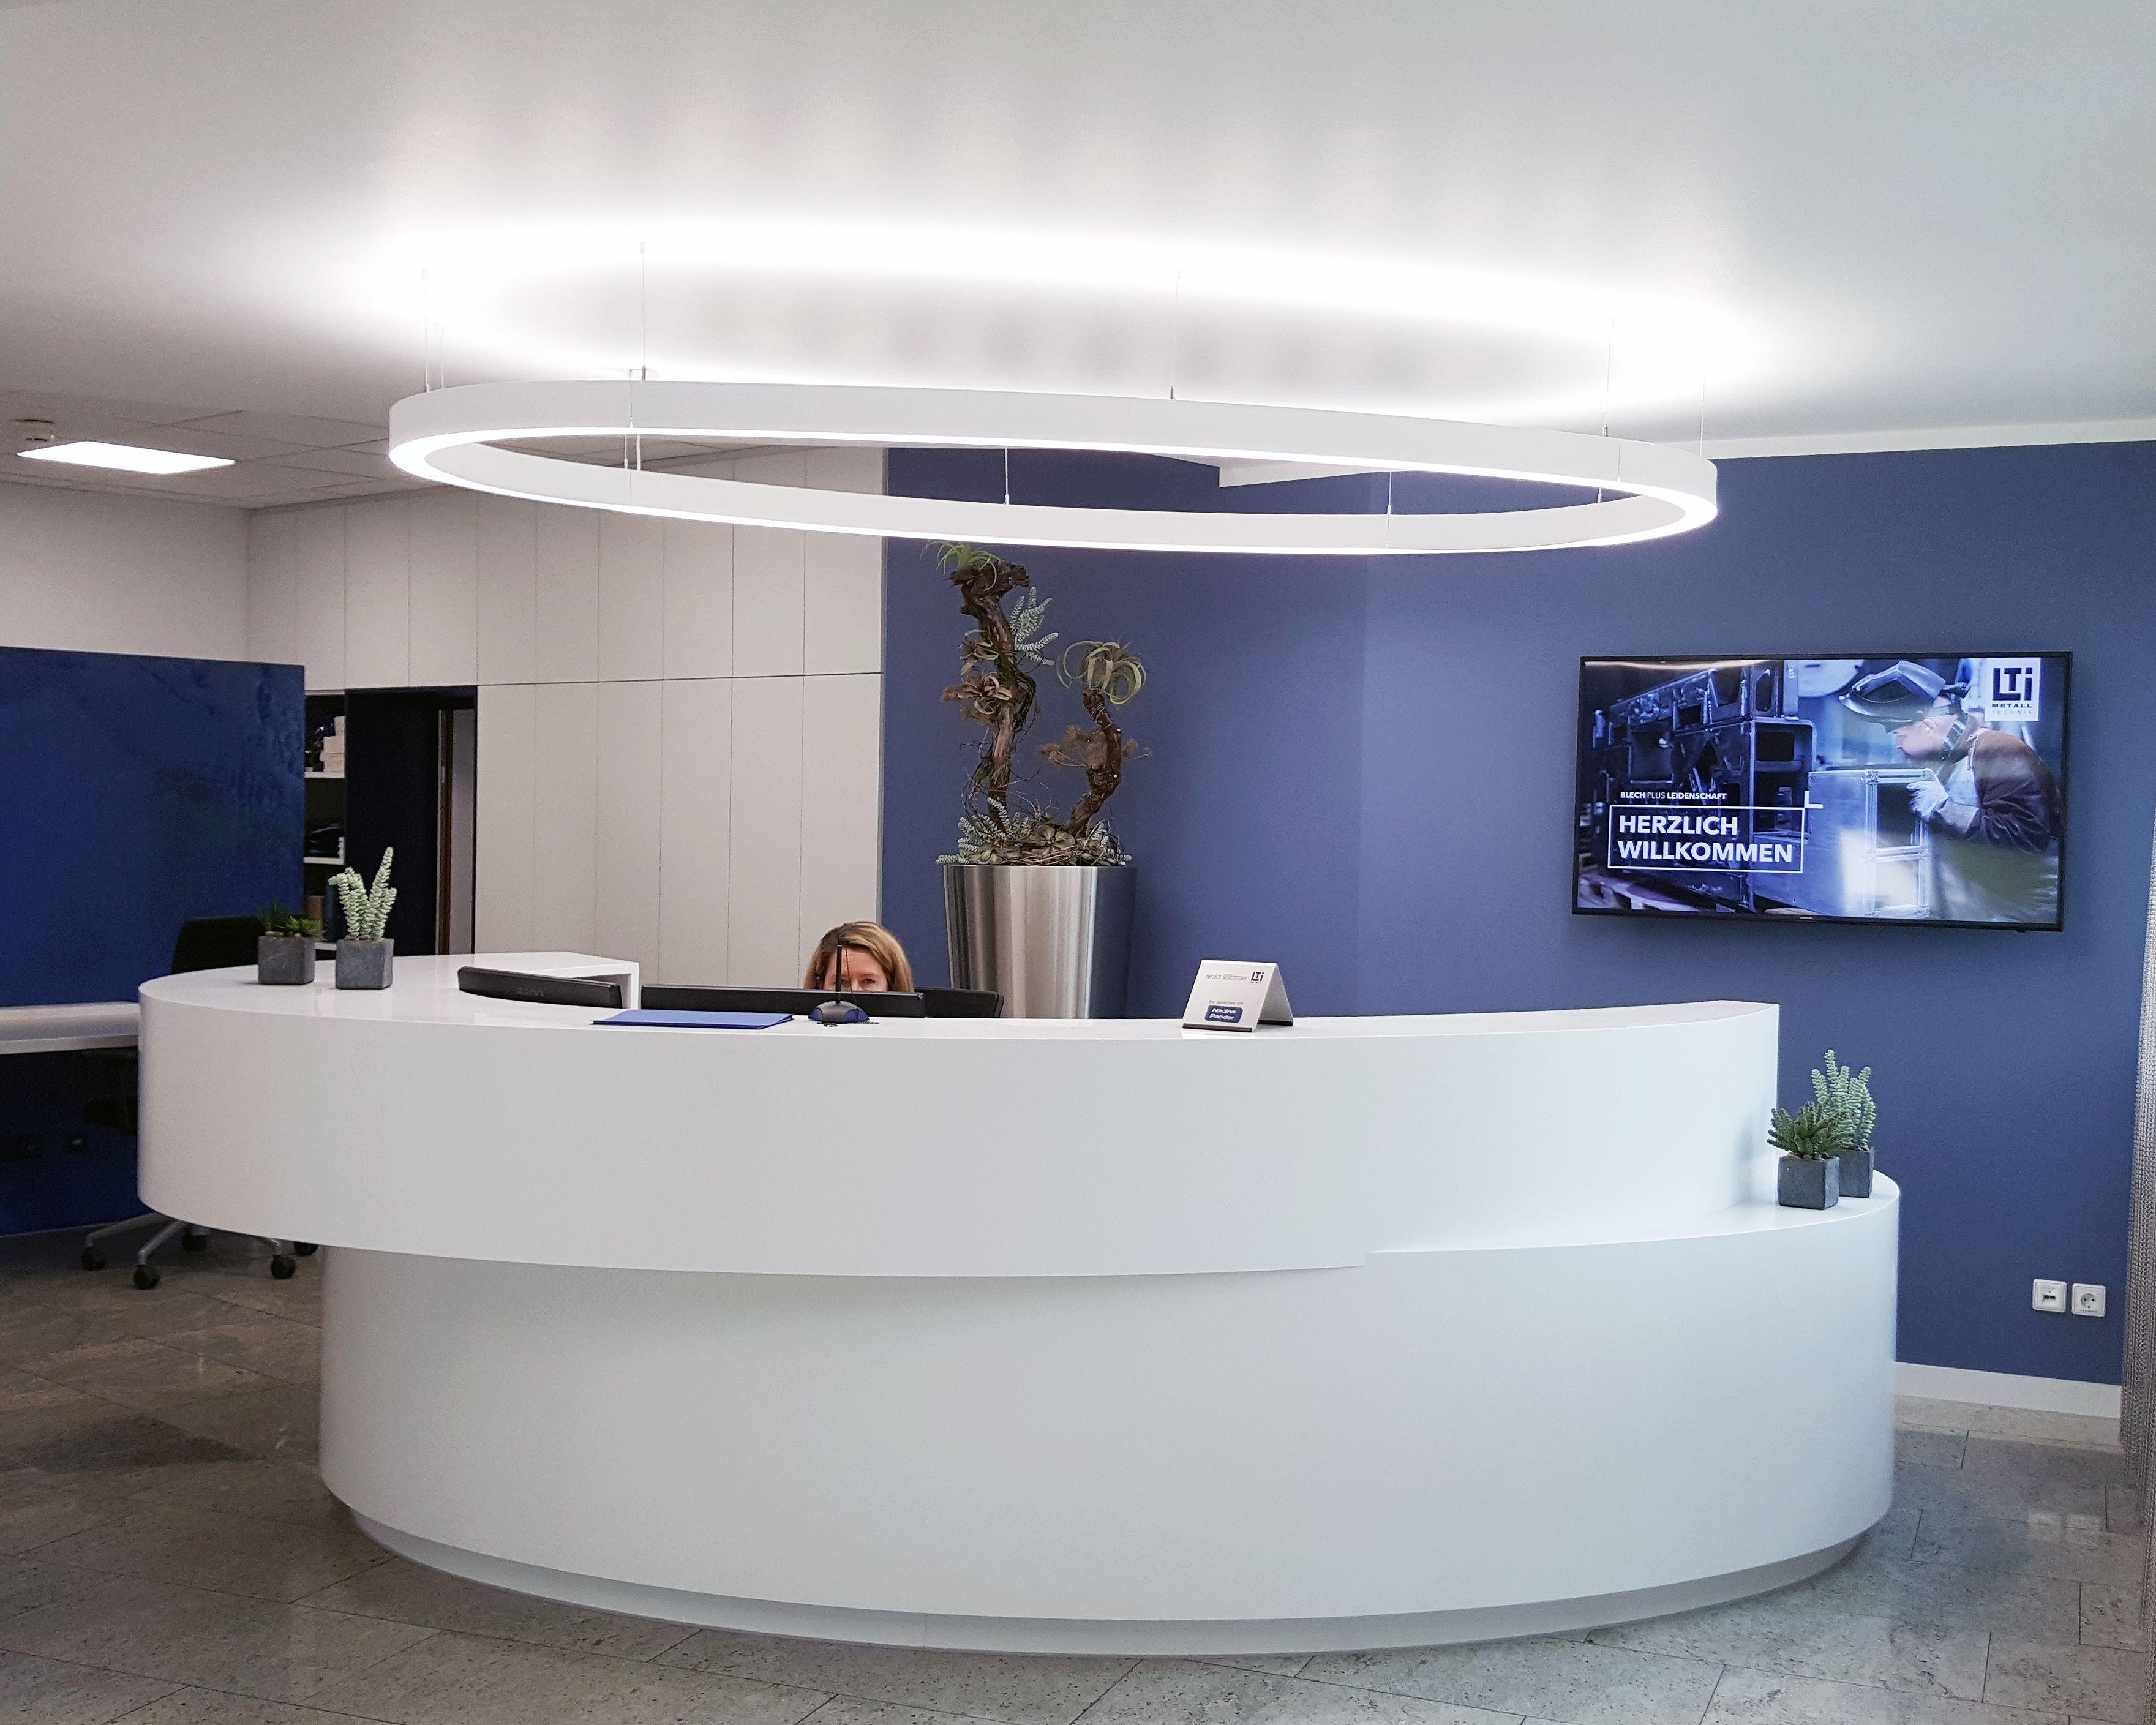 Empfangsbereich Empfangstresen Theke Corian Ellipse Weiss Blau Corporate Identity Metall Mesh Metallvorhang C Empfang Innenarchitektur Empfangstresen